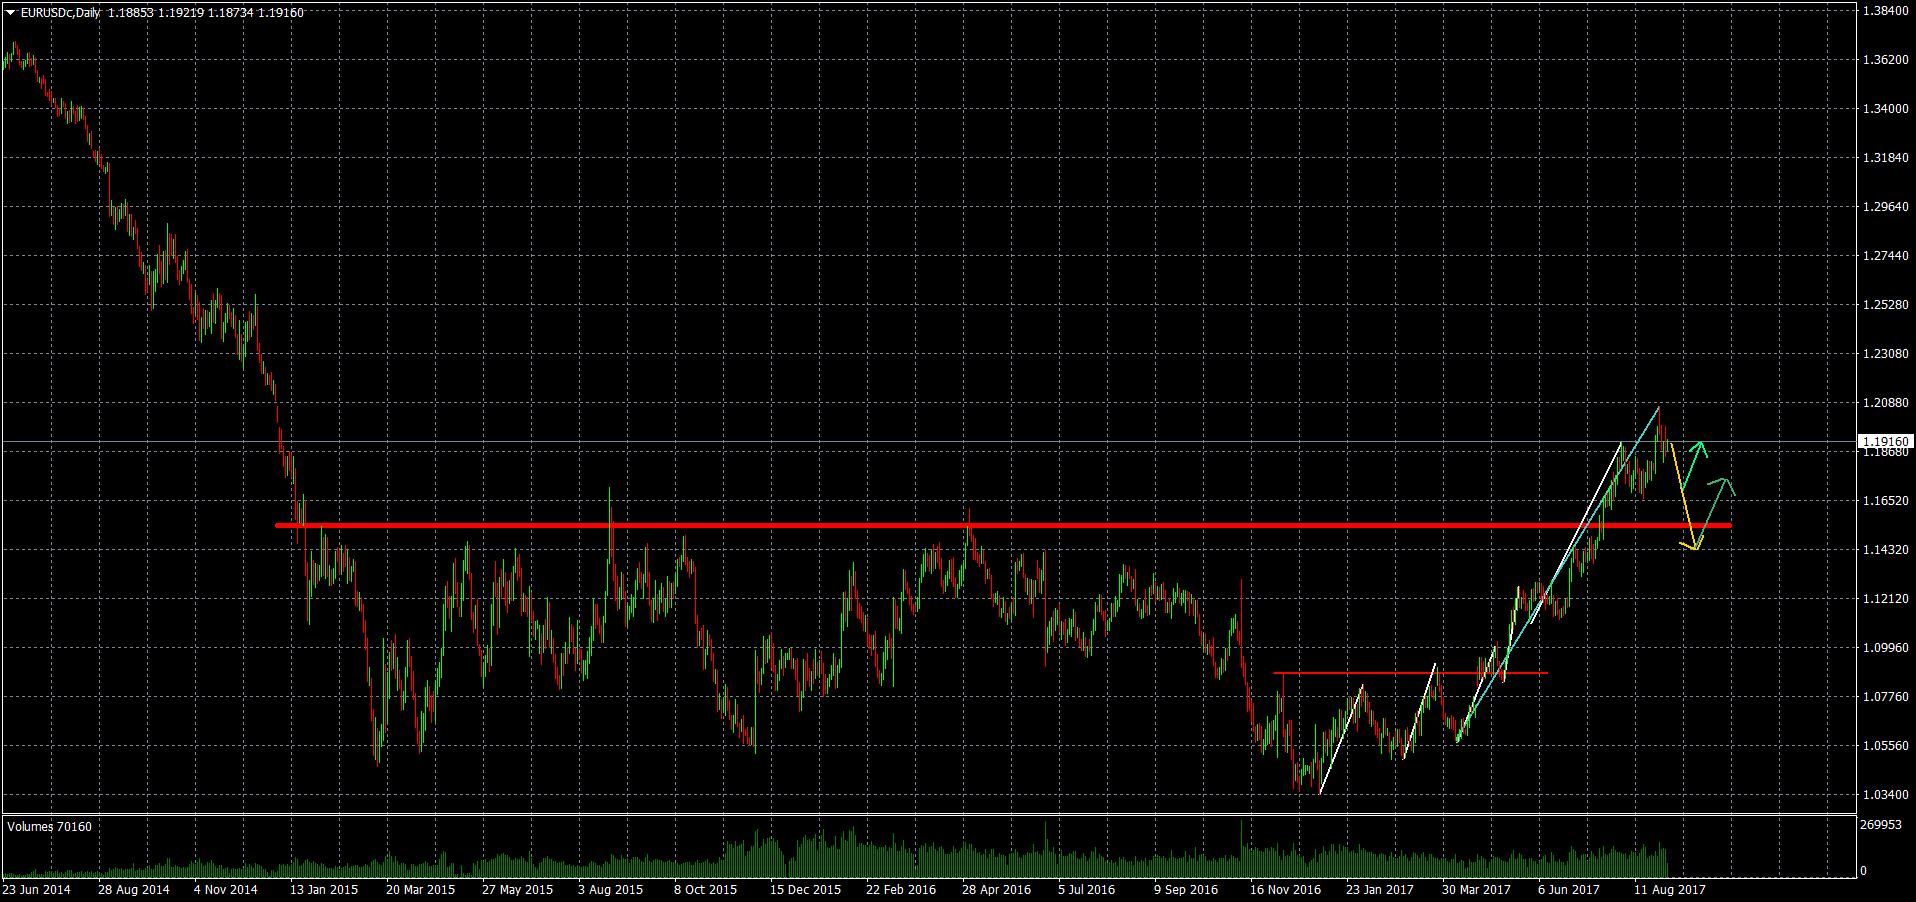 Euro vs Dollar Daily Chartanalyse 04-09-17